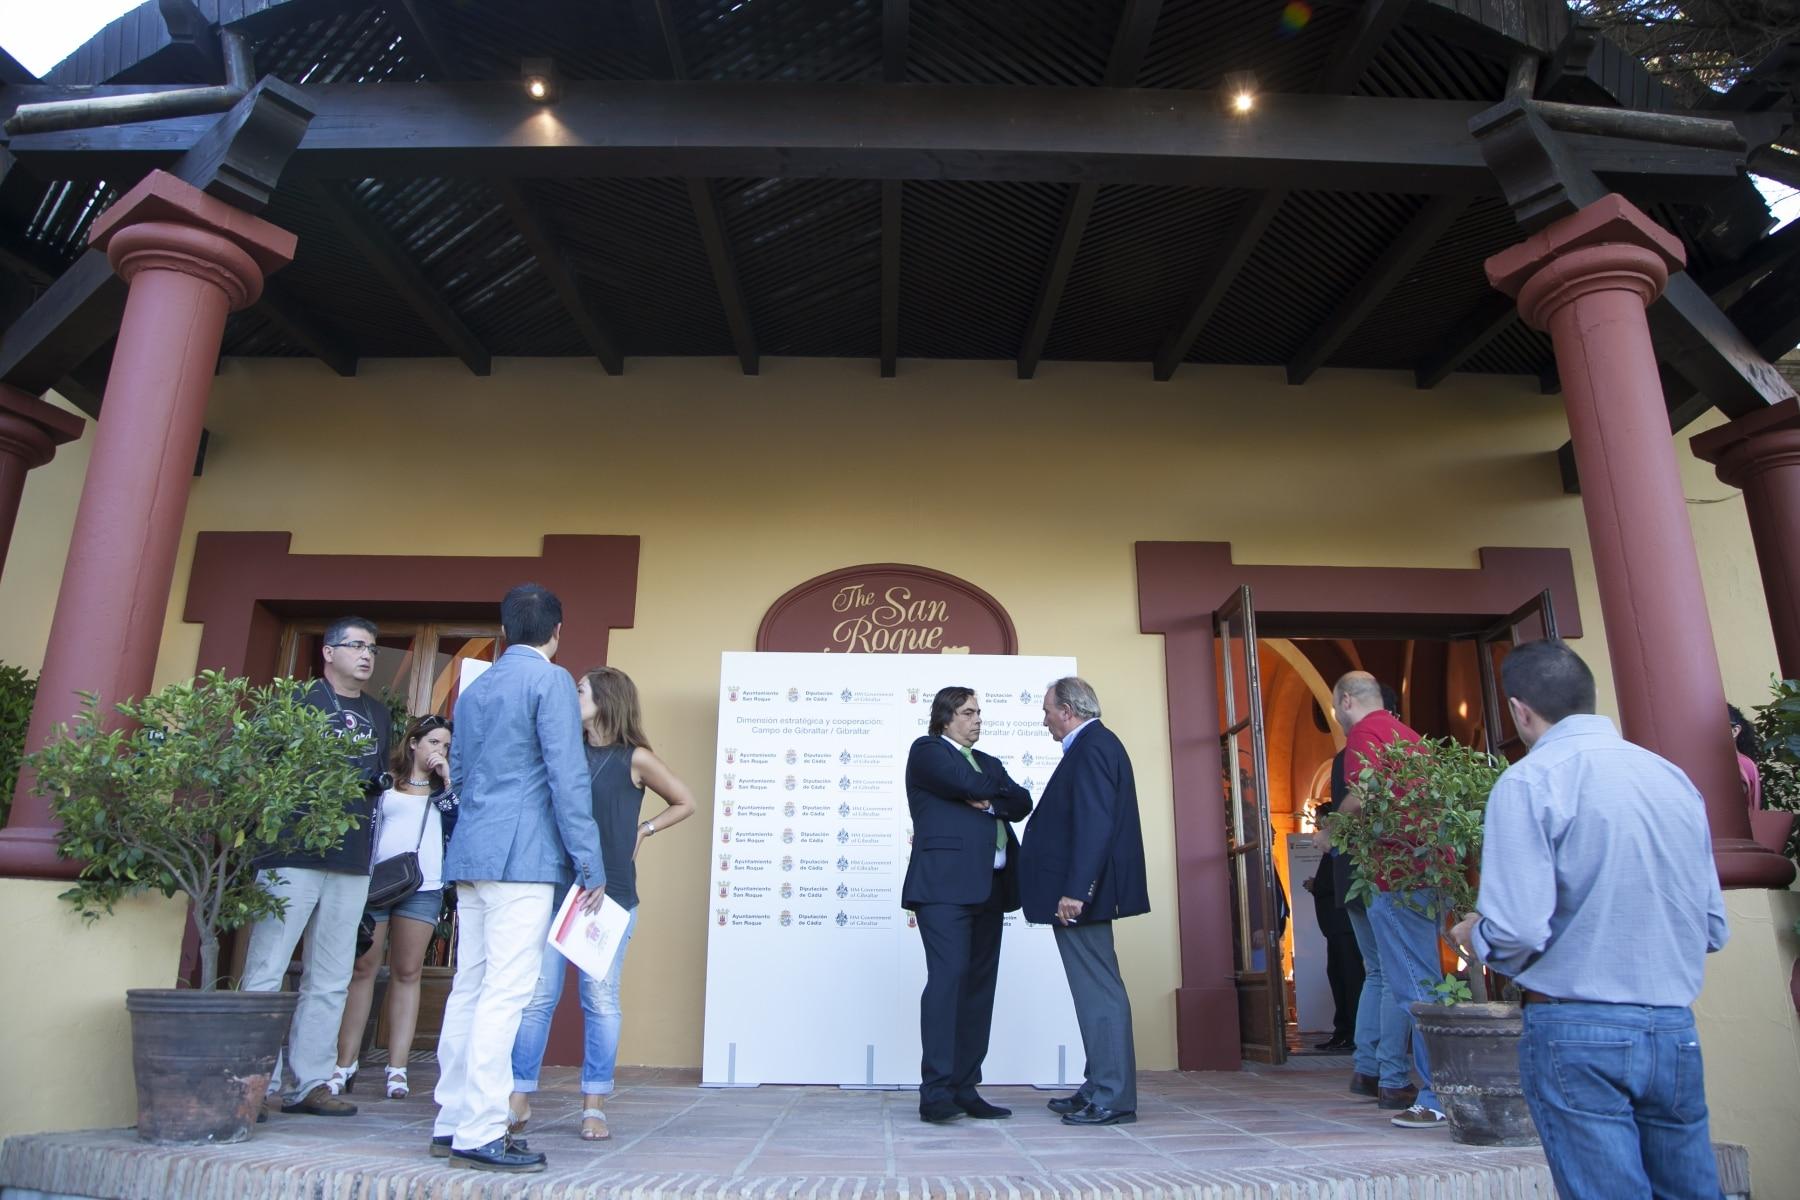 medios-de-comunicacin-e-invitados-en-la-entrada-del-san-roque-club-antes-de-la-conferencia_21237231059_o